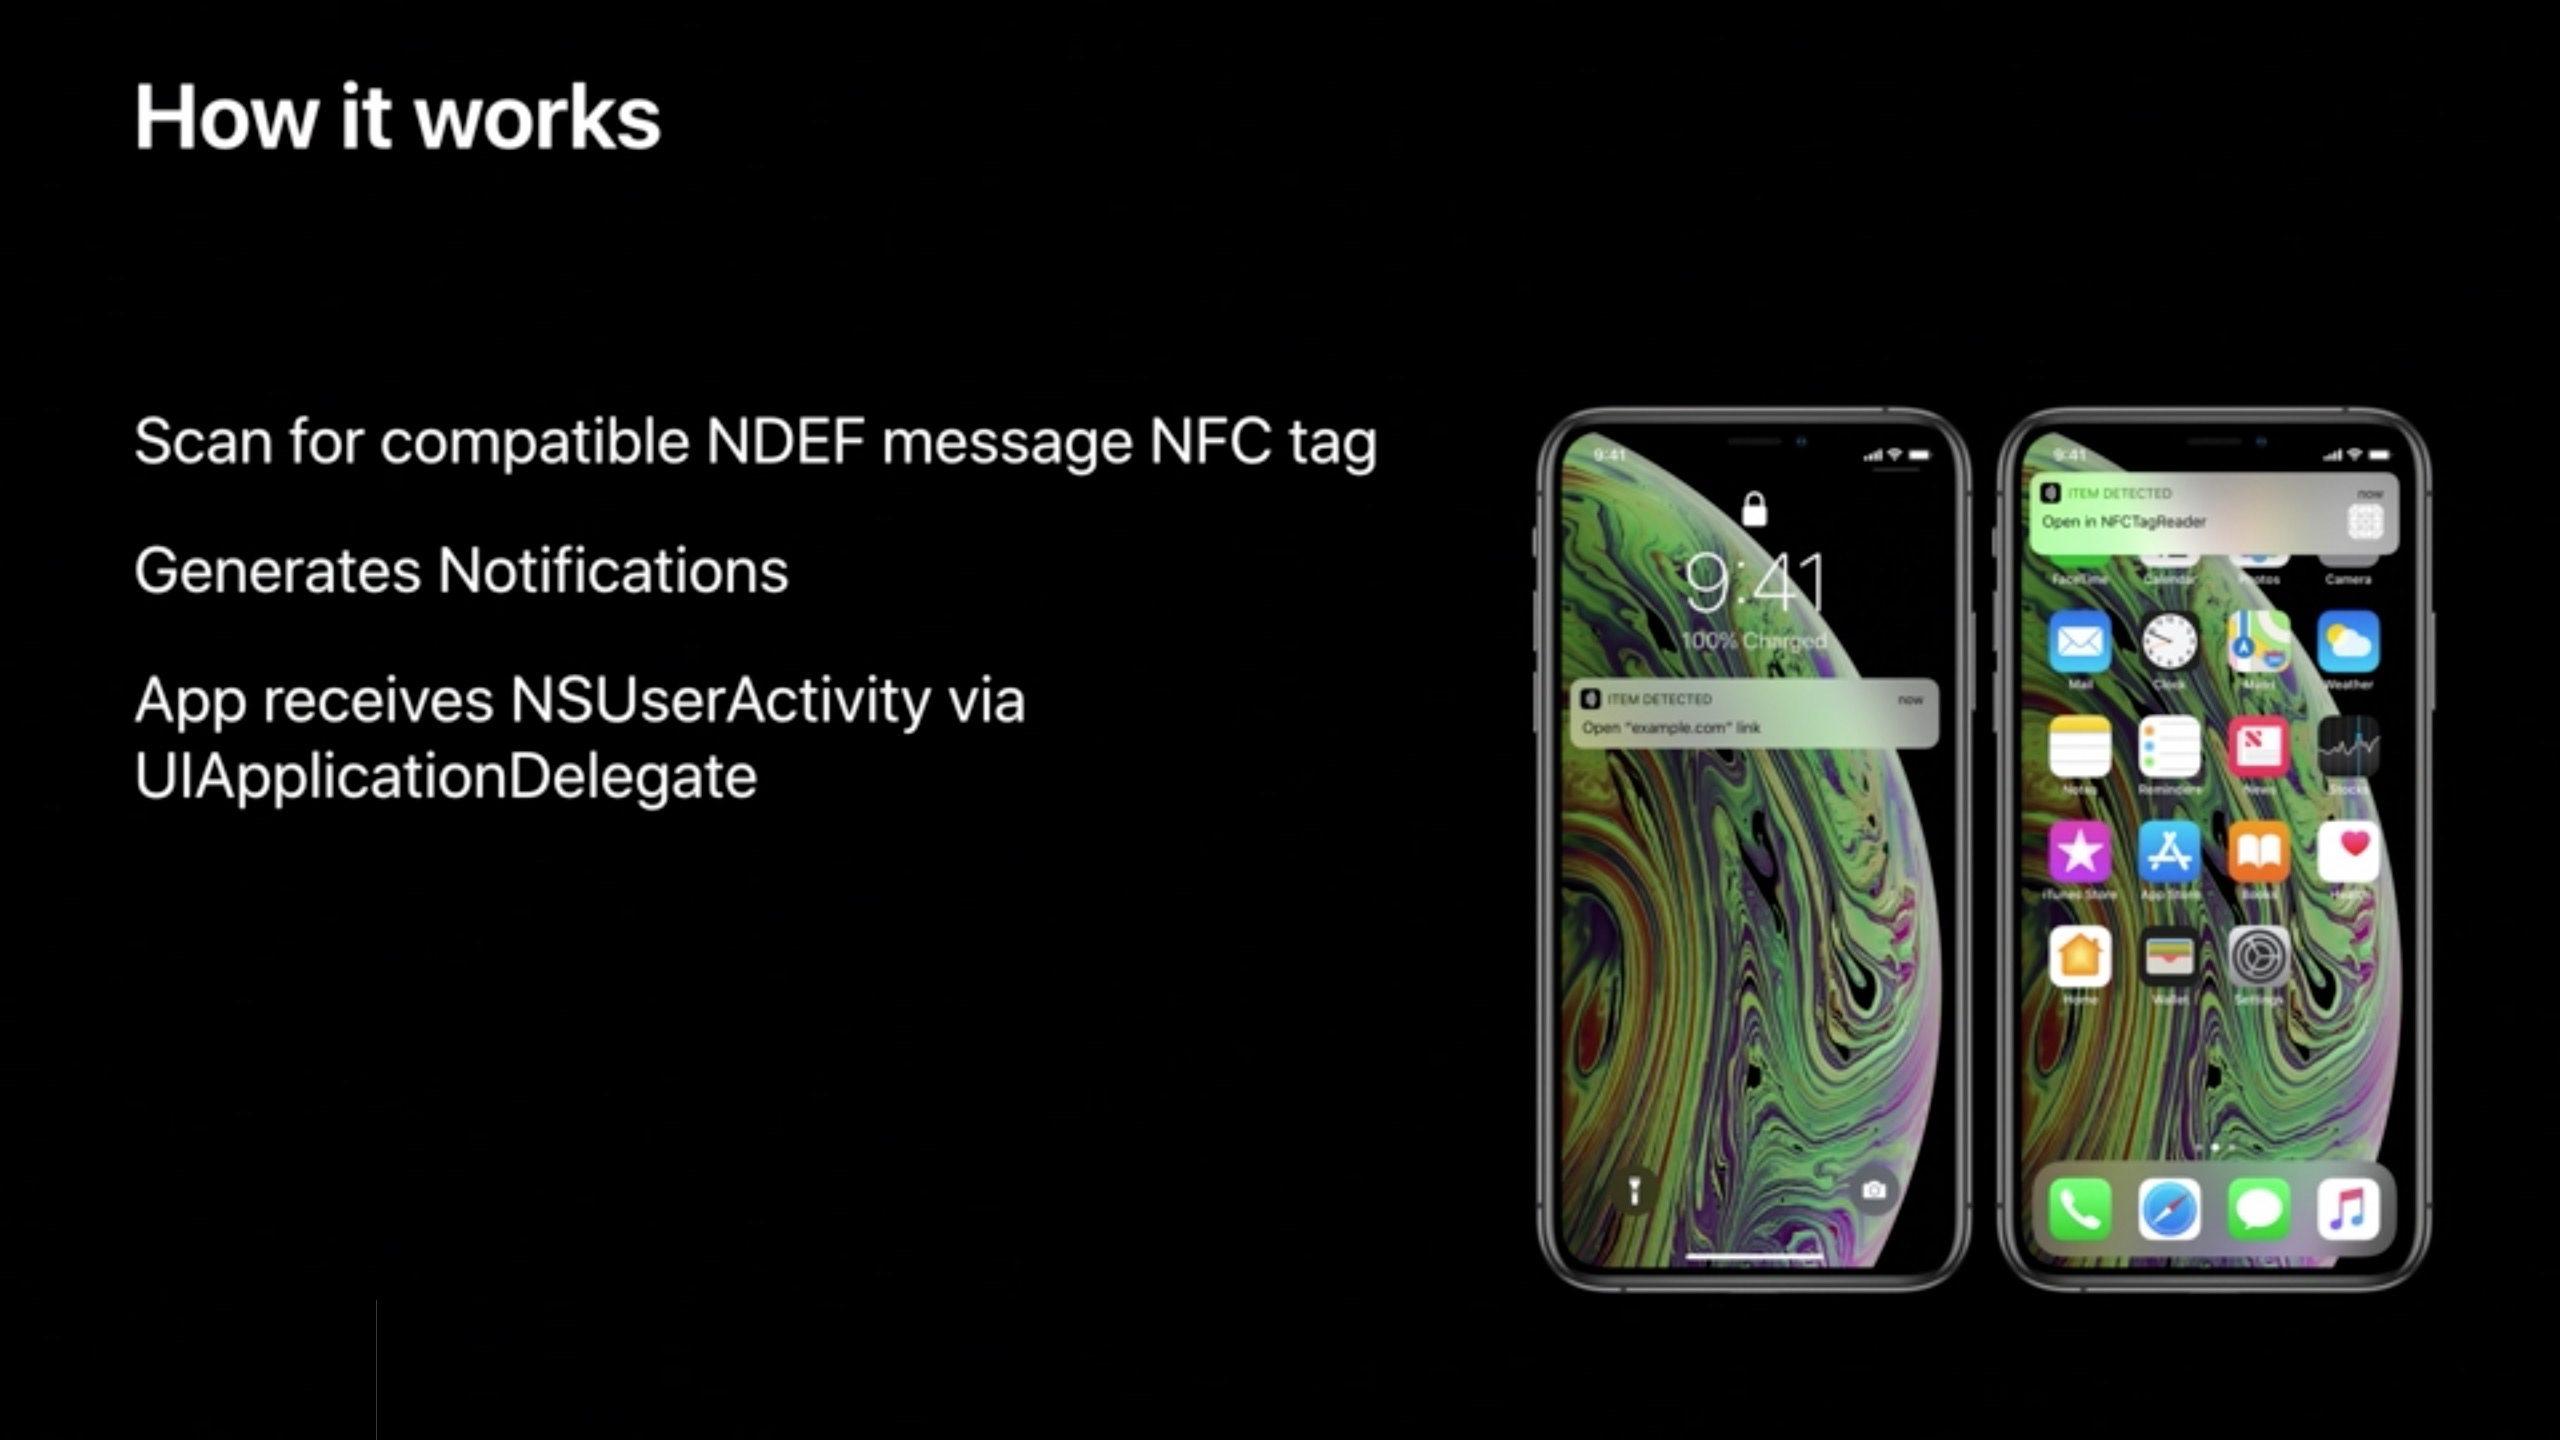 iPhone XS/XR支持后台NFC 无需启动应用